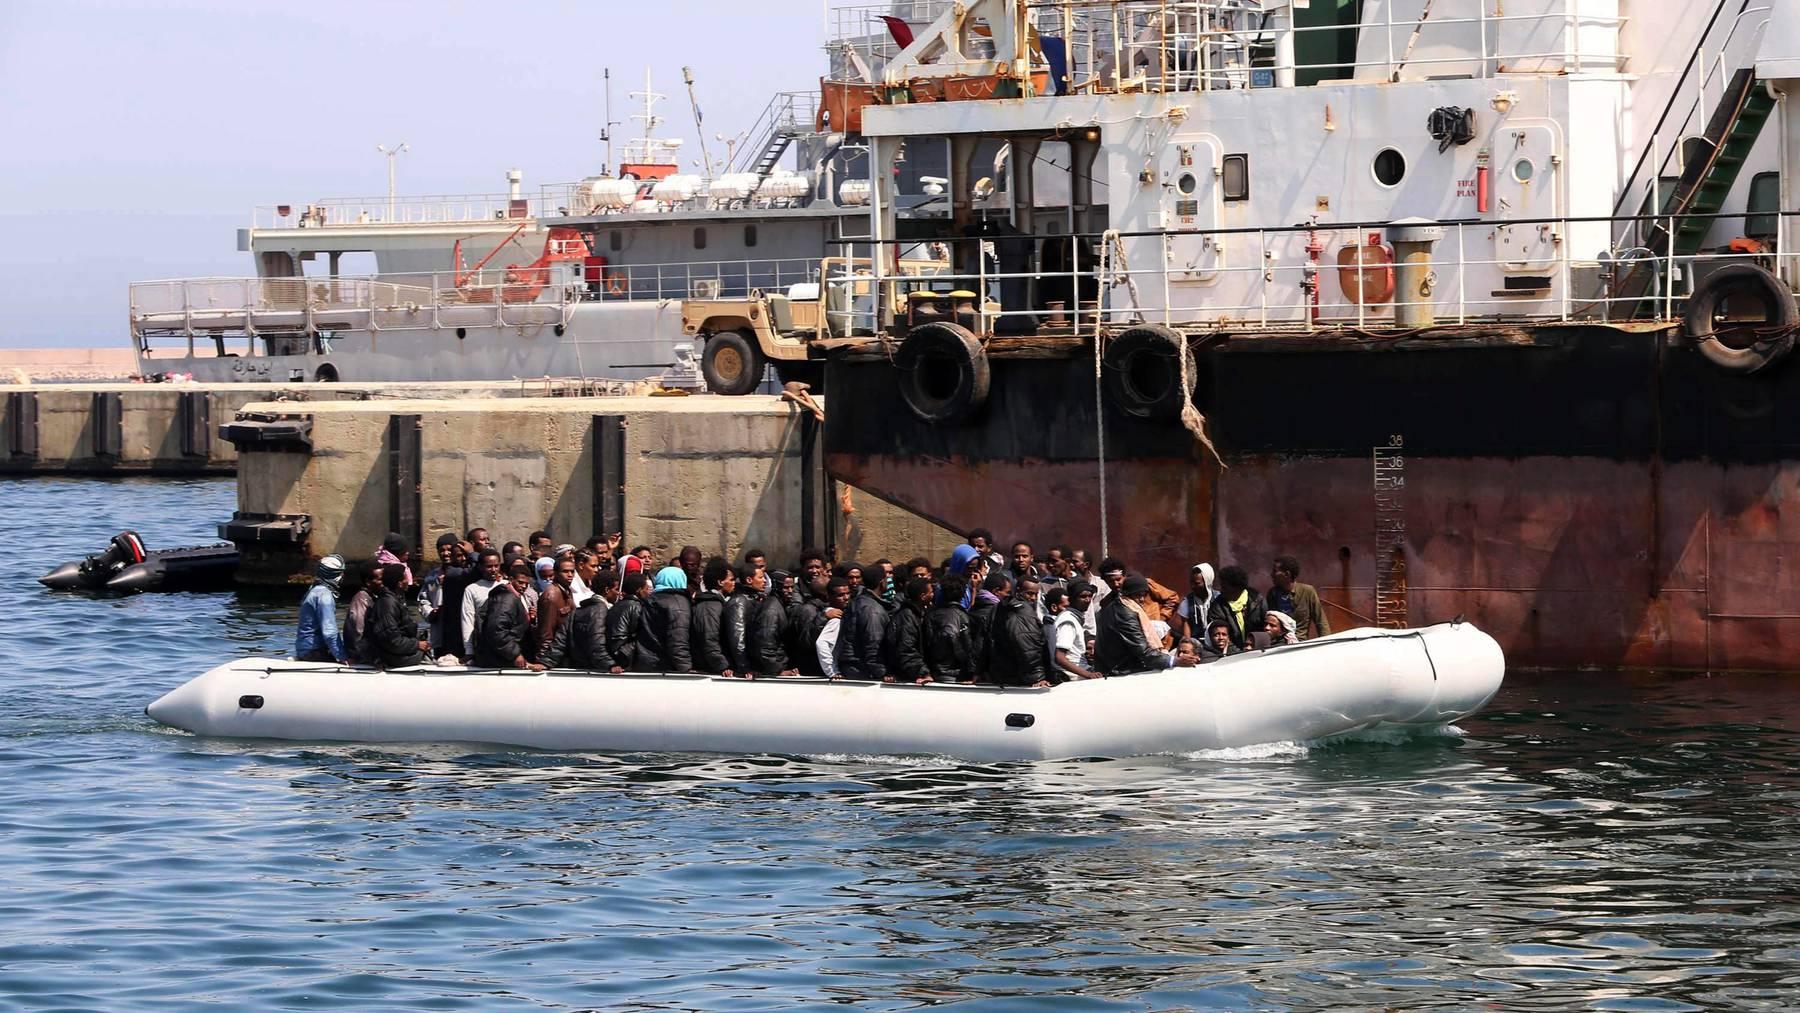 Migranten werden 2015 von der Libyschen Küstenwache abgefangen und in den Hafen von Tripoli zurückgebracht.